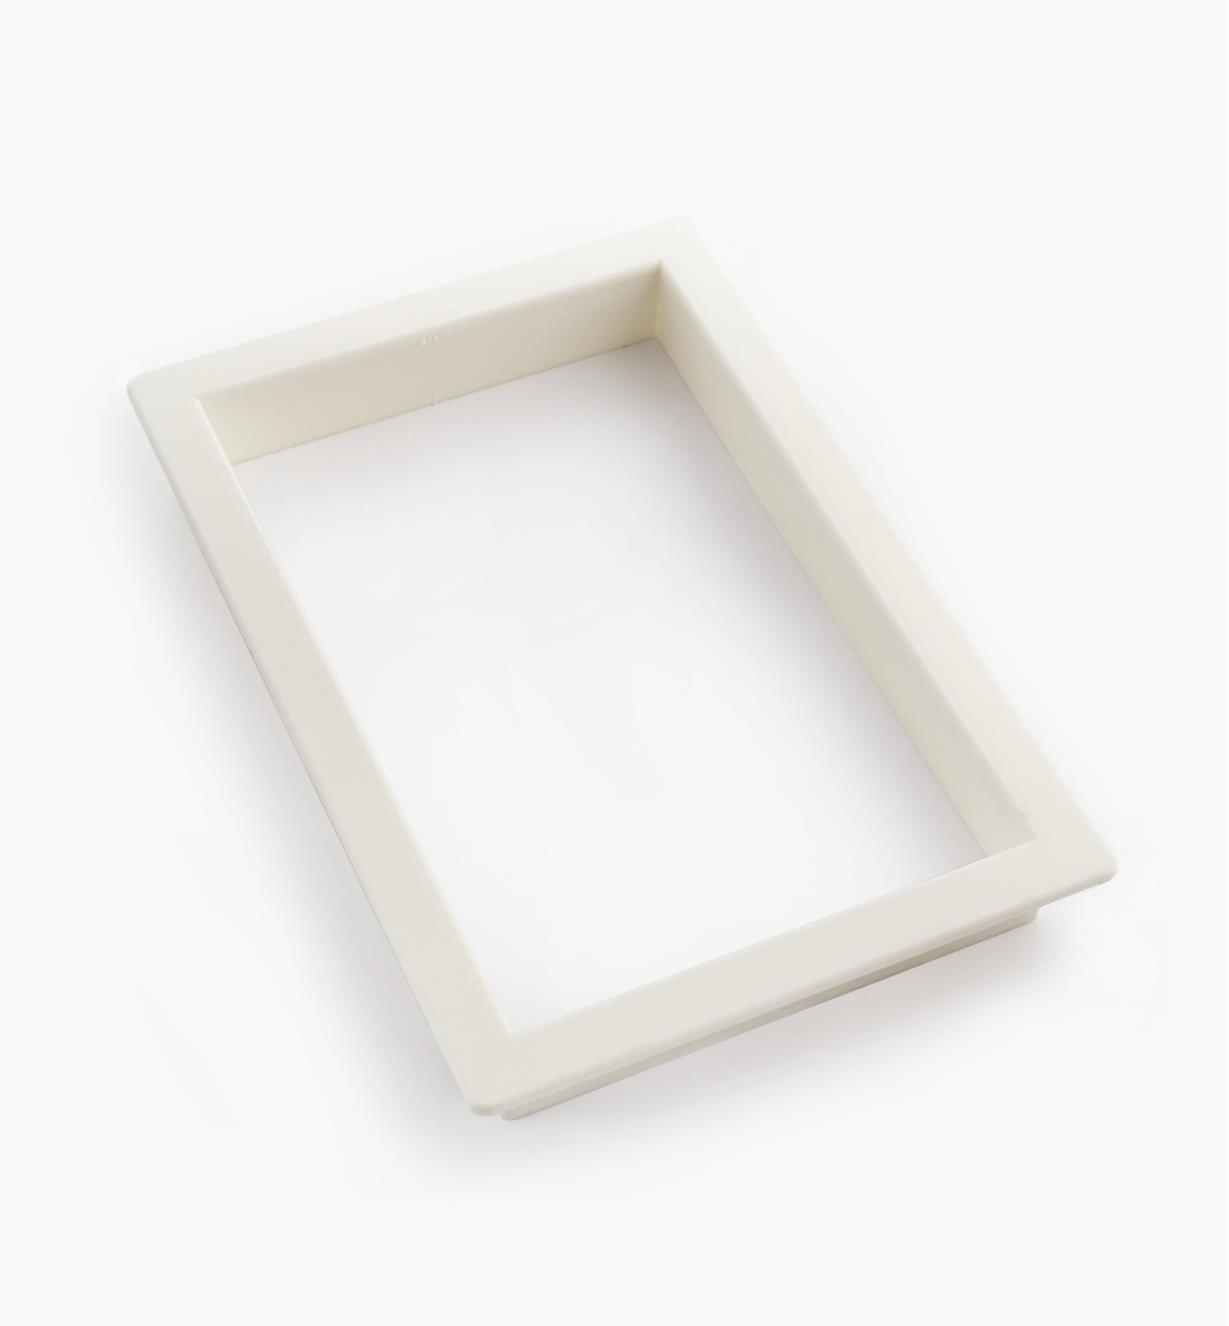 00U0994 - White Grommet